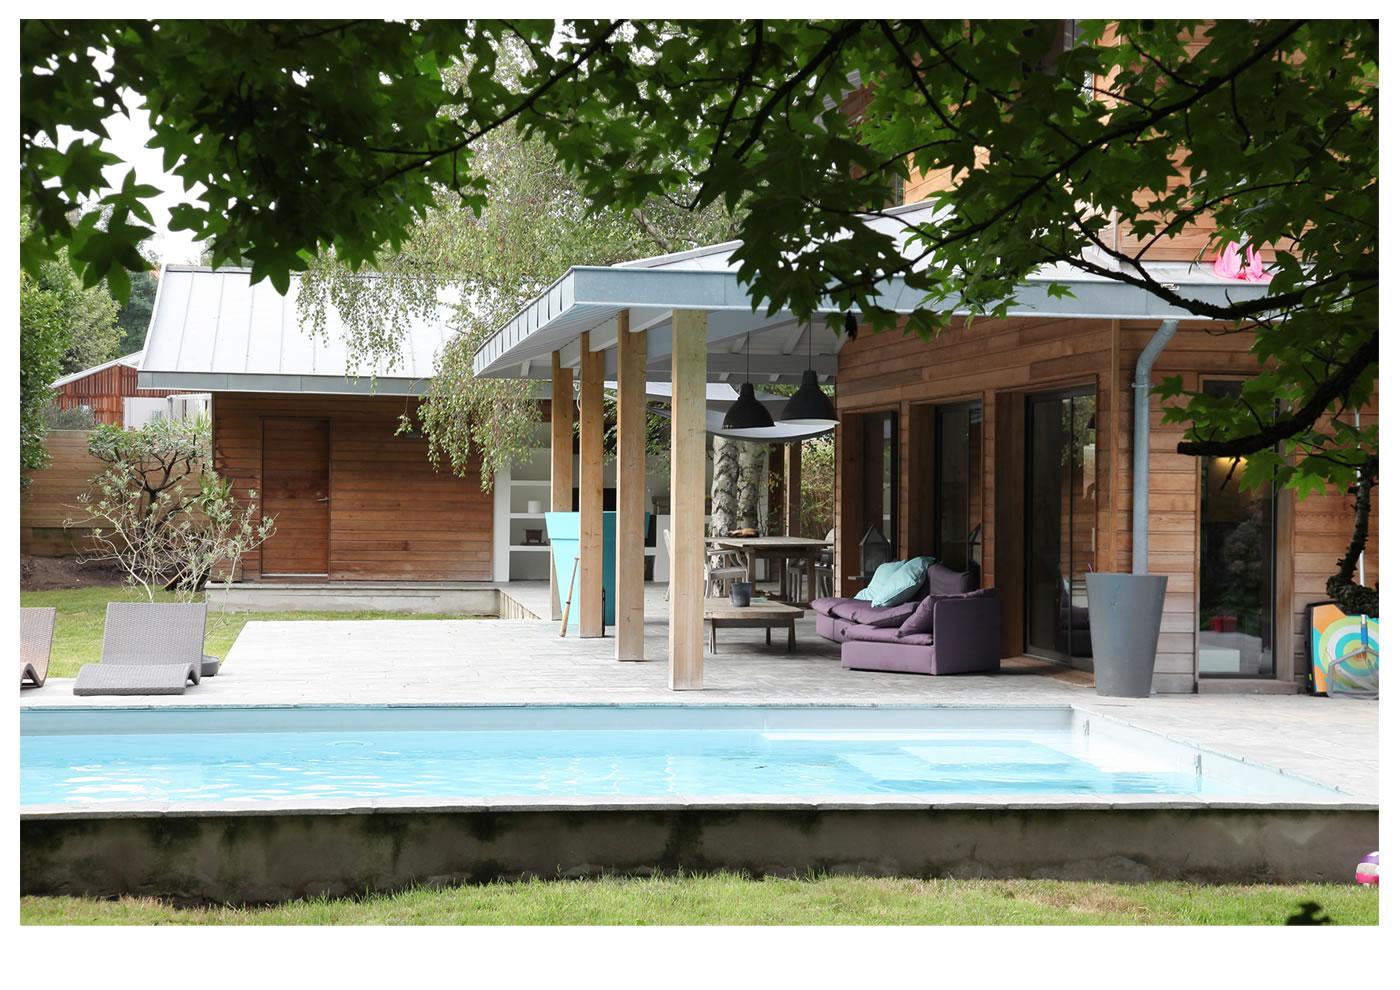 Architectes Alaman et Macdonald, exemple de réalisation de maison individuelle :